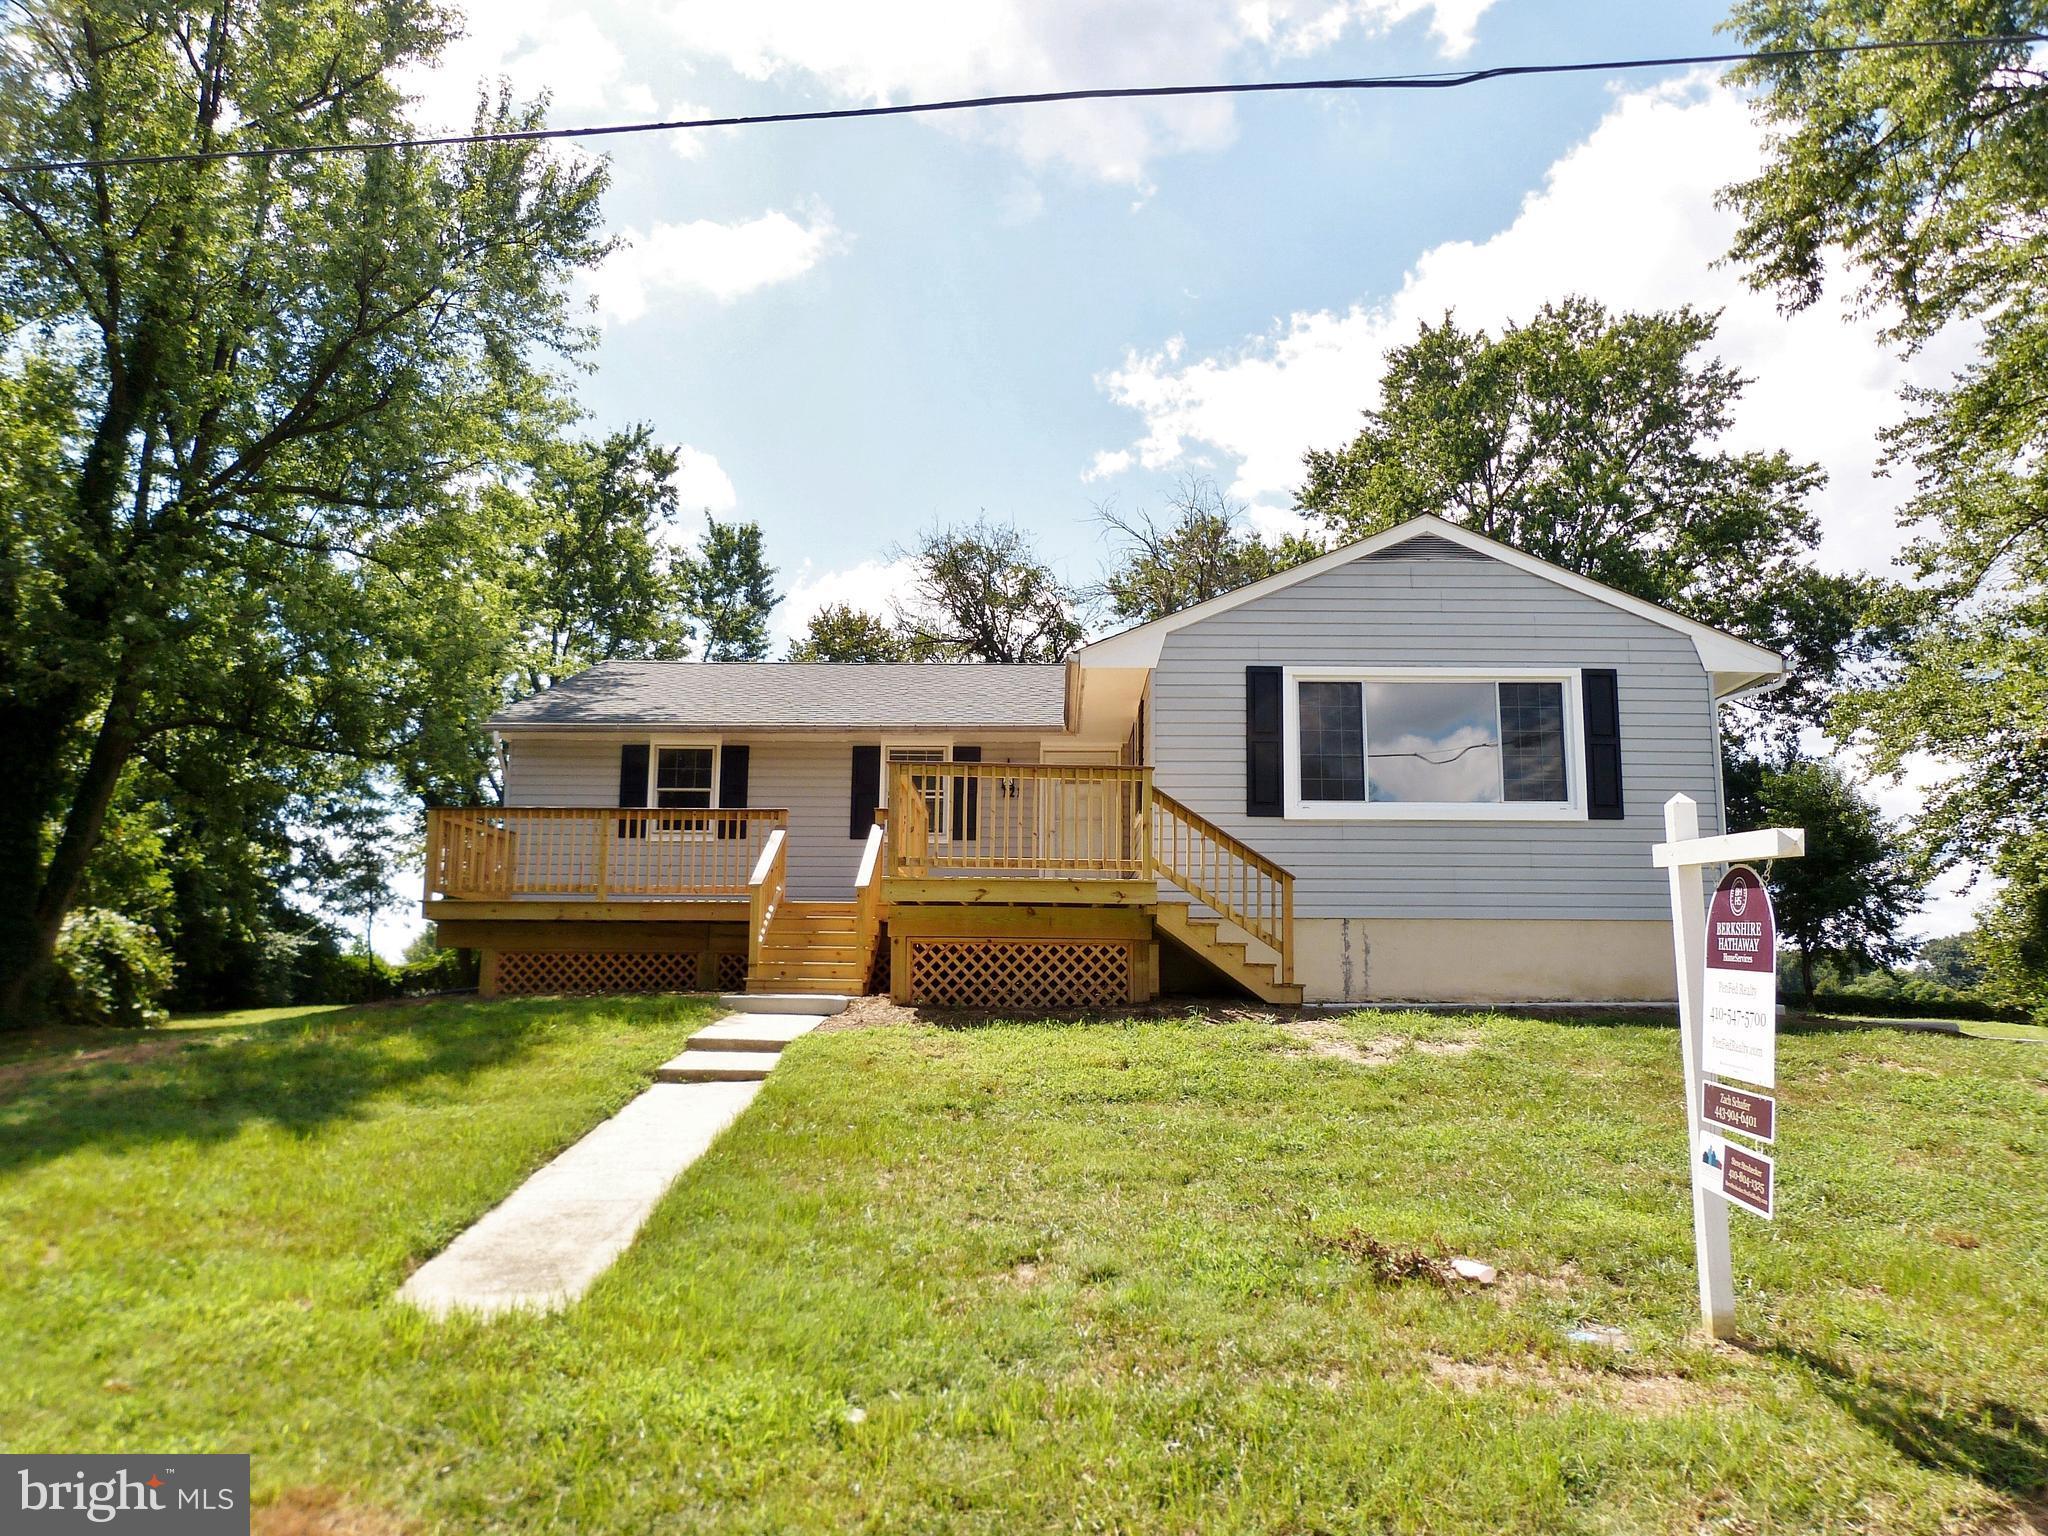 121 Main Ave Sw, Glen Burnie, MD, 21061